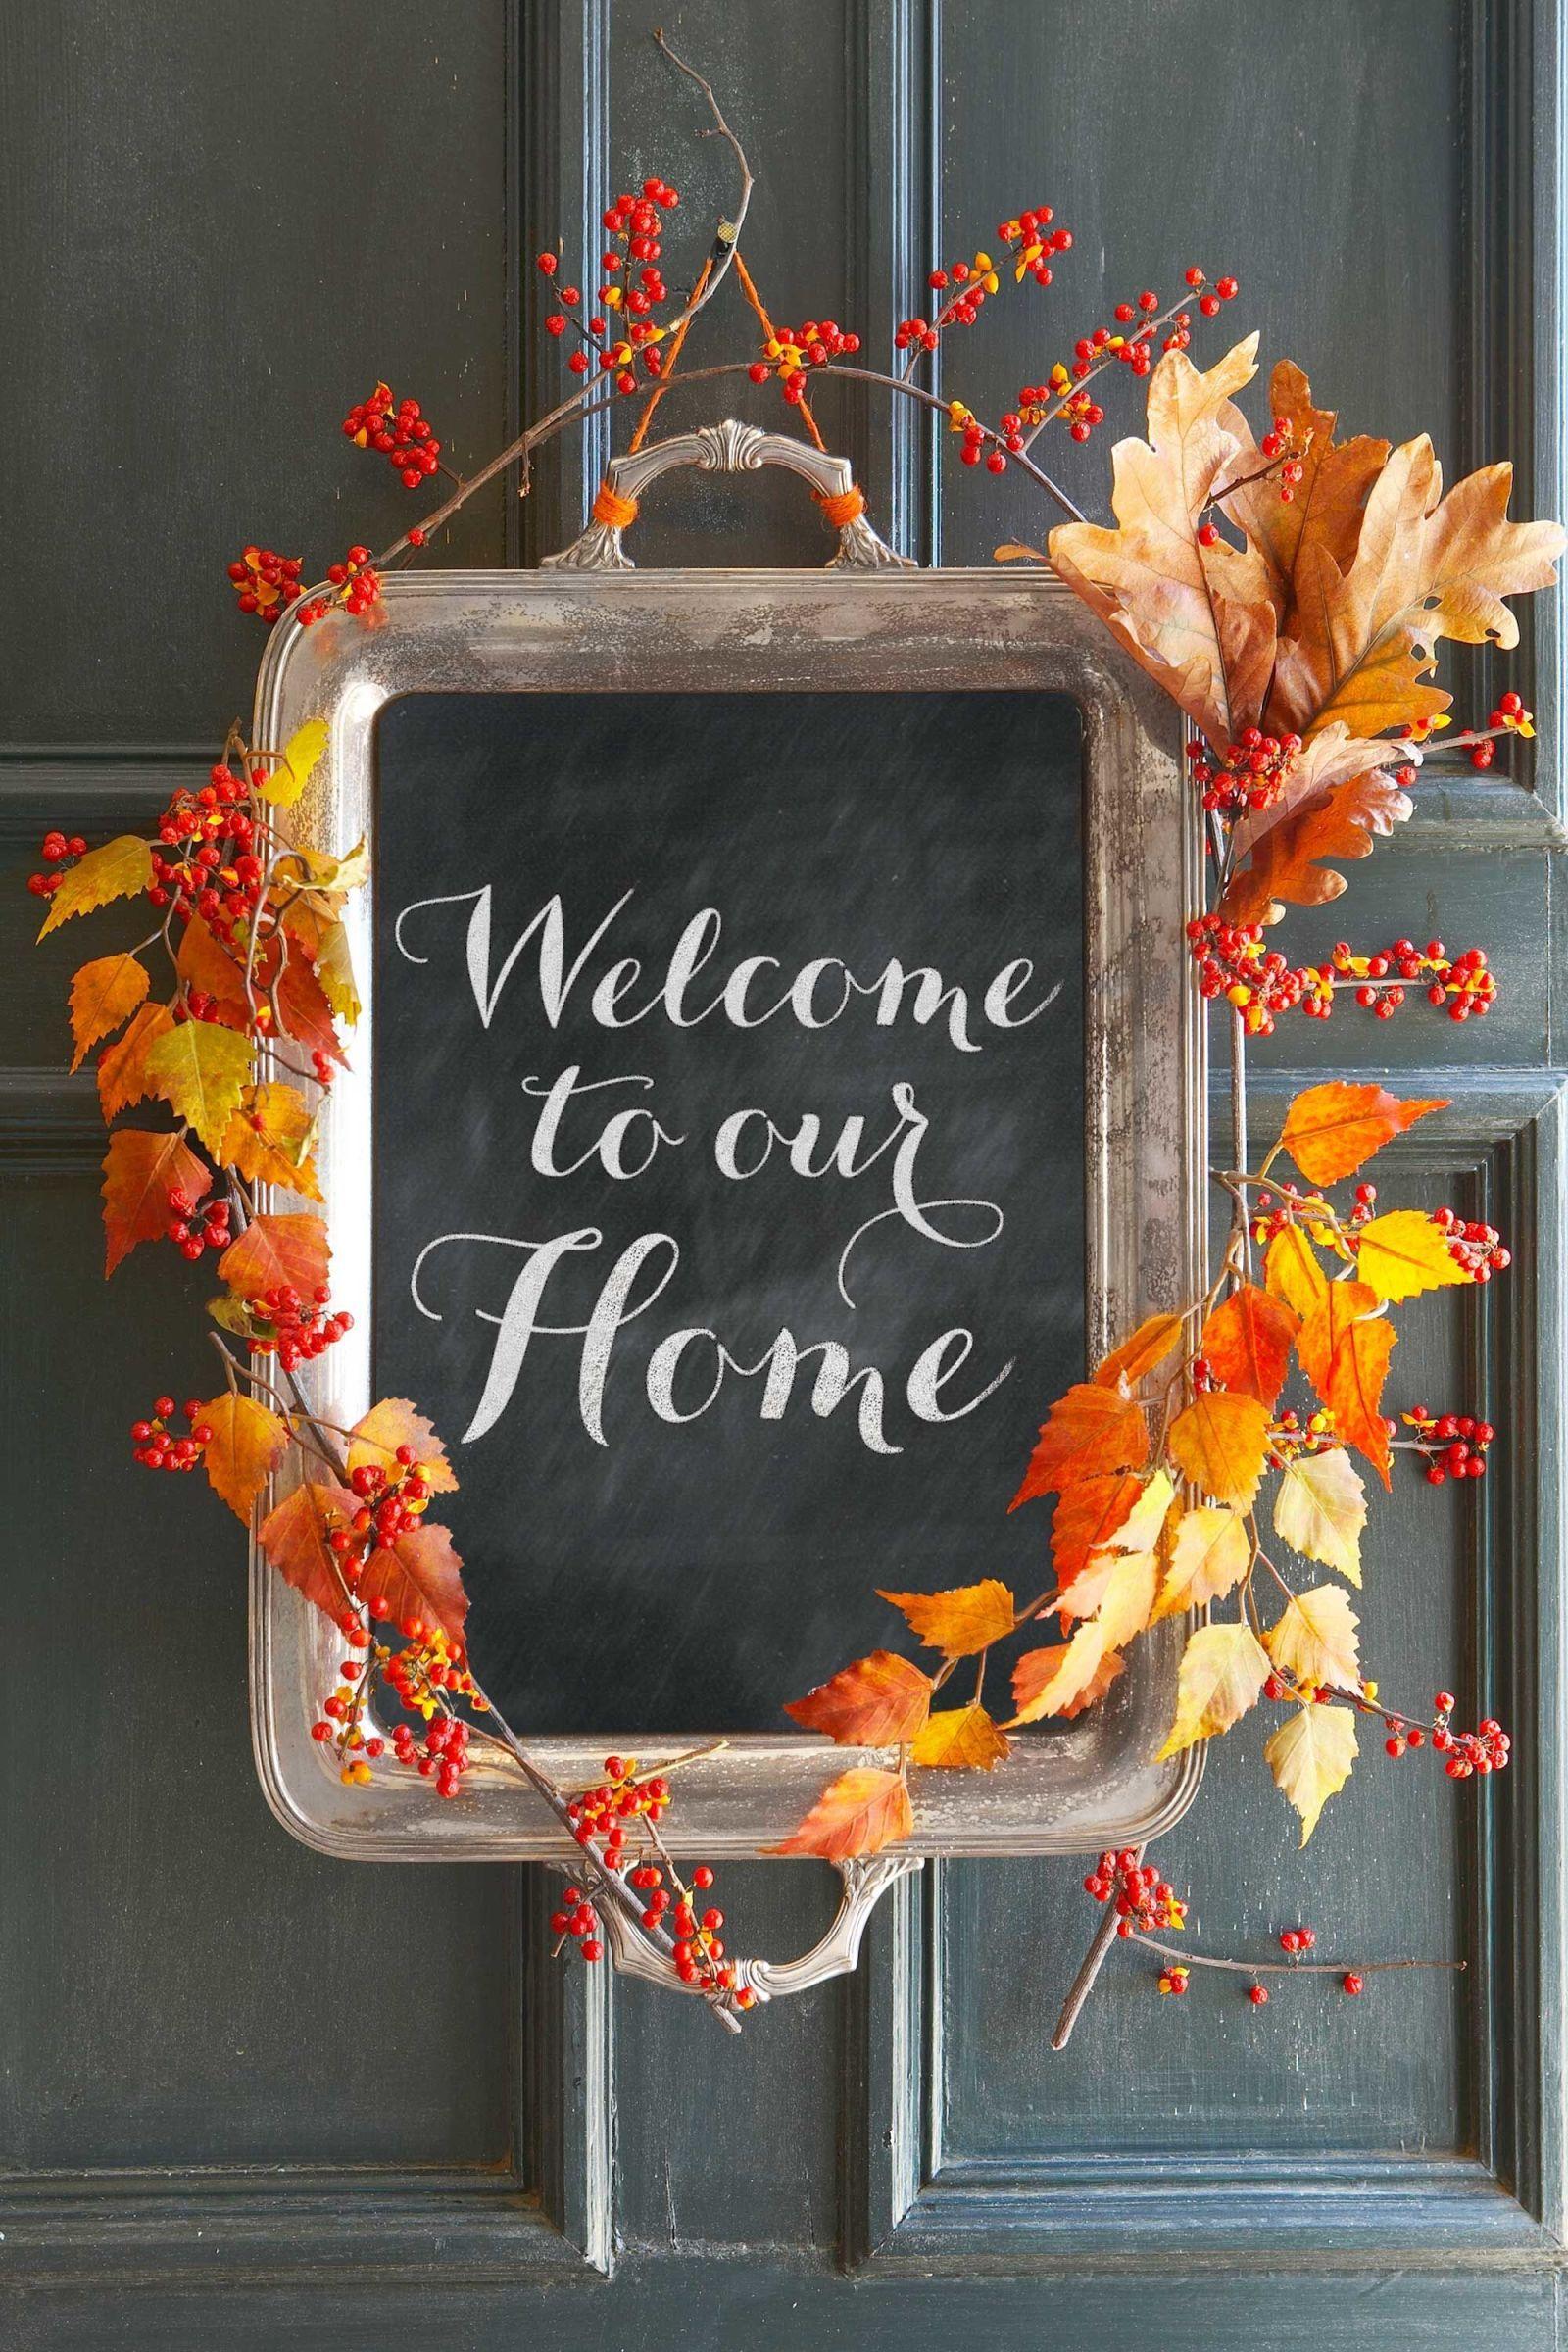 Image. Michael Partenio. Blackboard Wreath